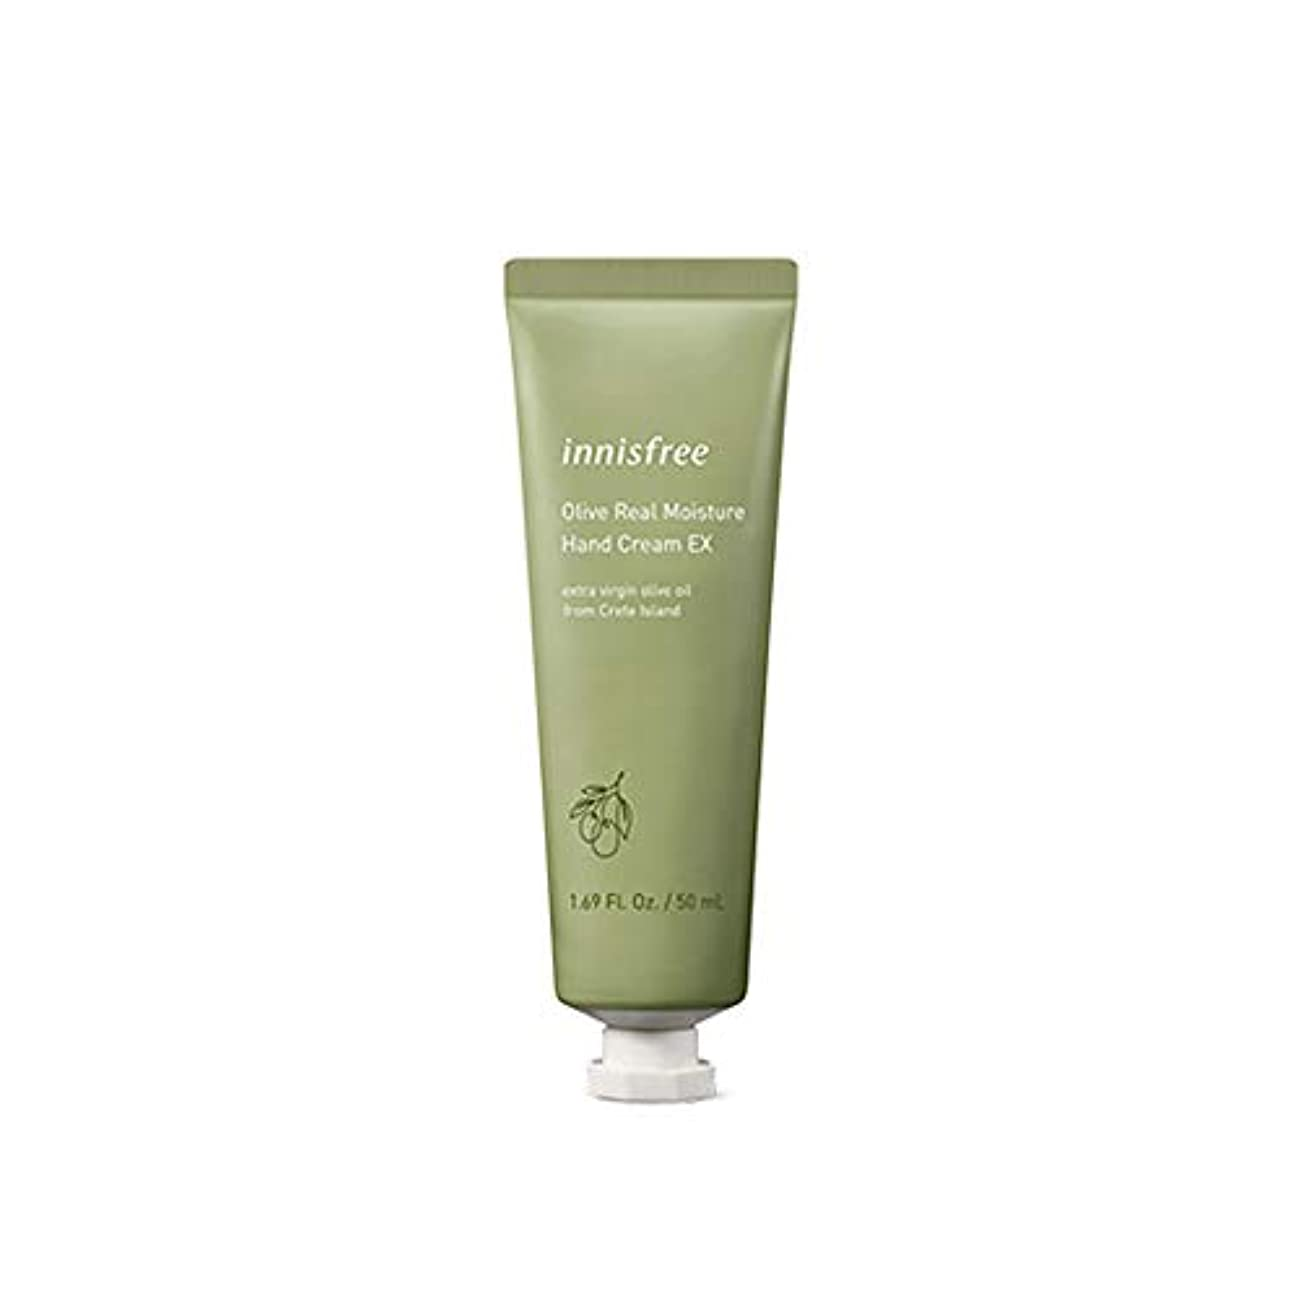 砂利わずかな悩むイニスフリー Innisfree オリーブリアル モイスチャー ハンドクリーム(50ml) Innisfree Olive Real Moisture Hand Cream (50ml) [海外直送品]